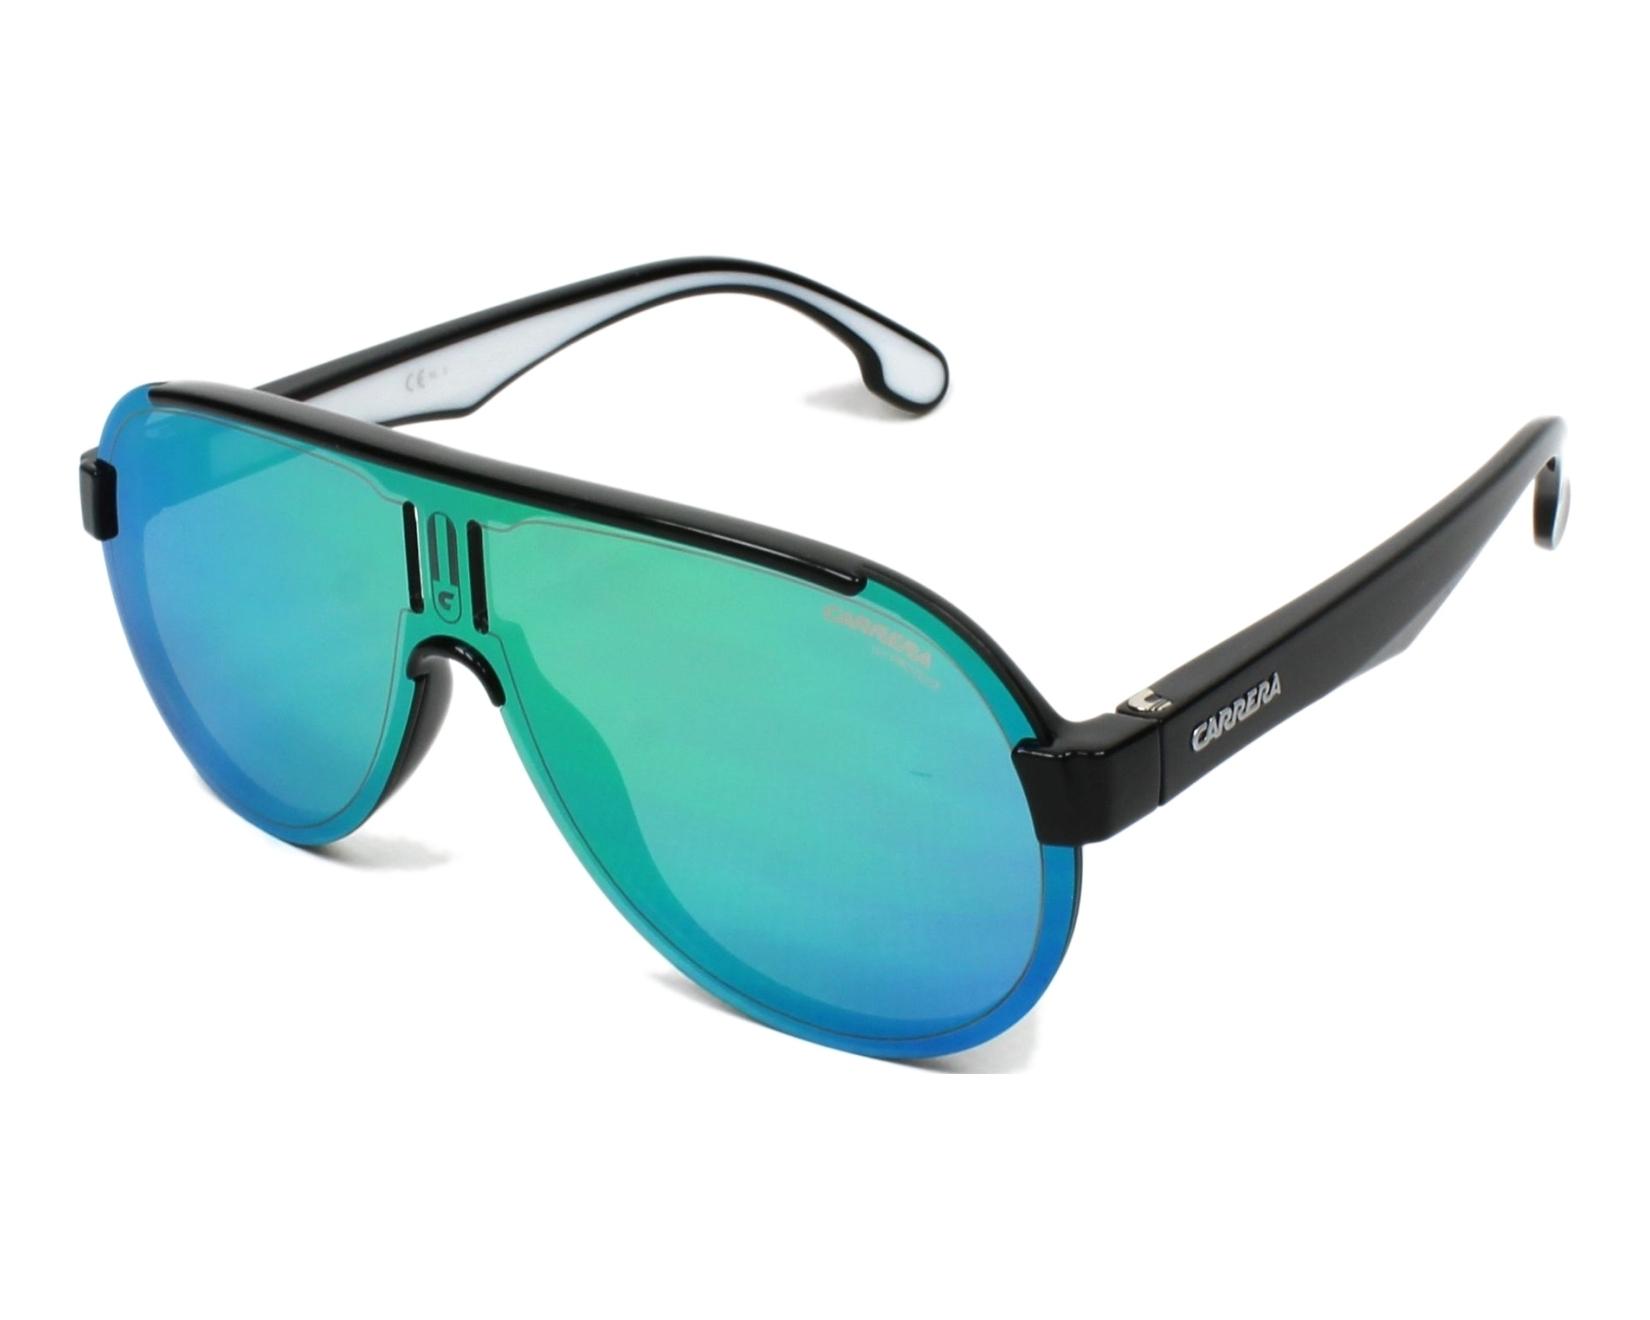 Carrera Eyewear Herren Sonnenbrille » CARRERA 1008/S«, weiß, VK6/K1 - weiß/gold